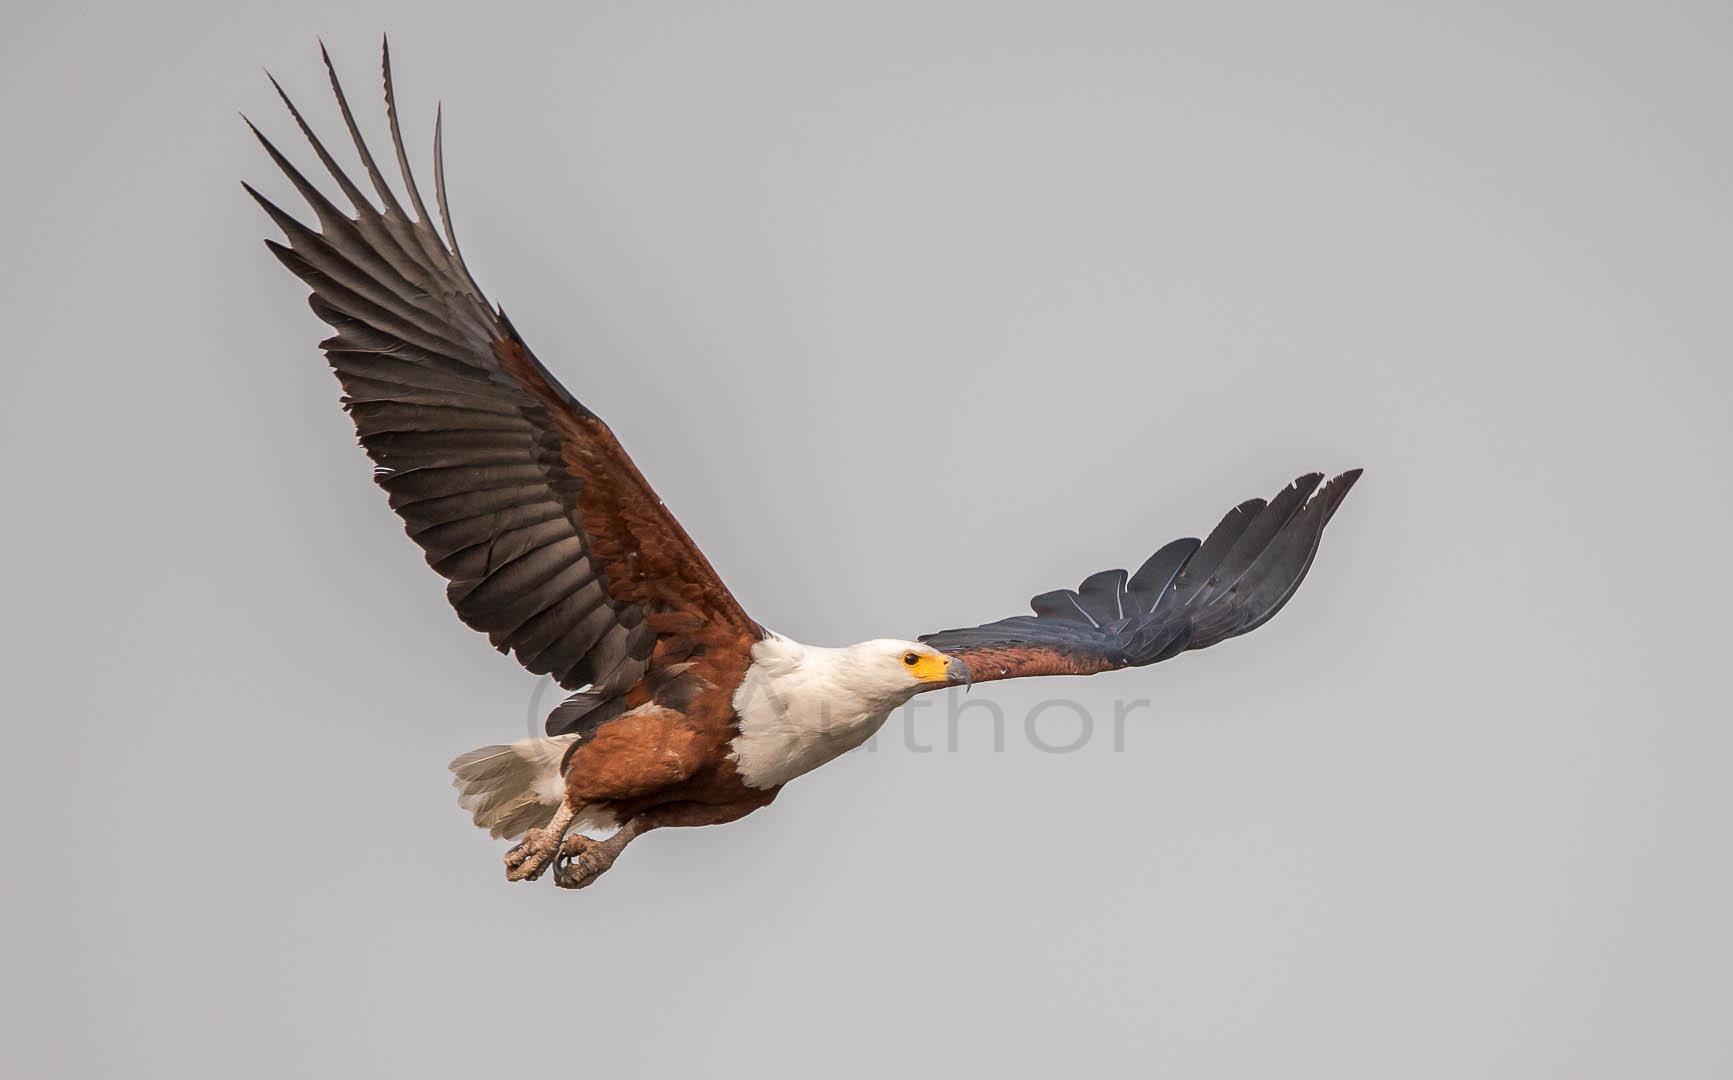 3_NA_fish eagle_Augusto dias